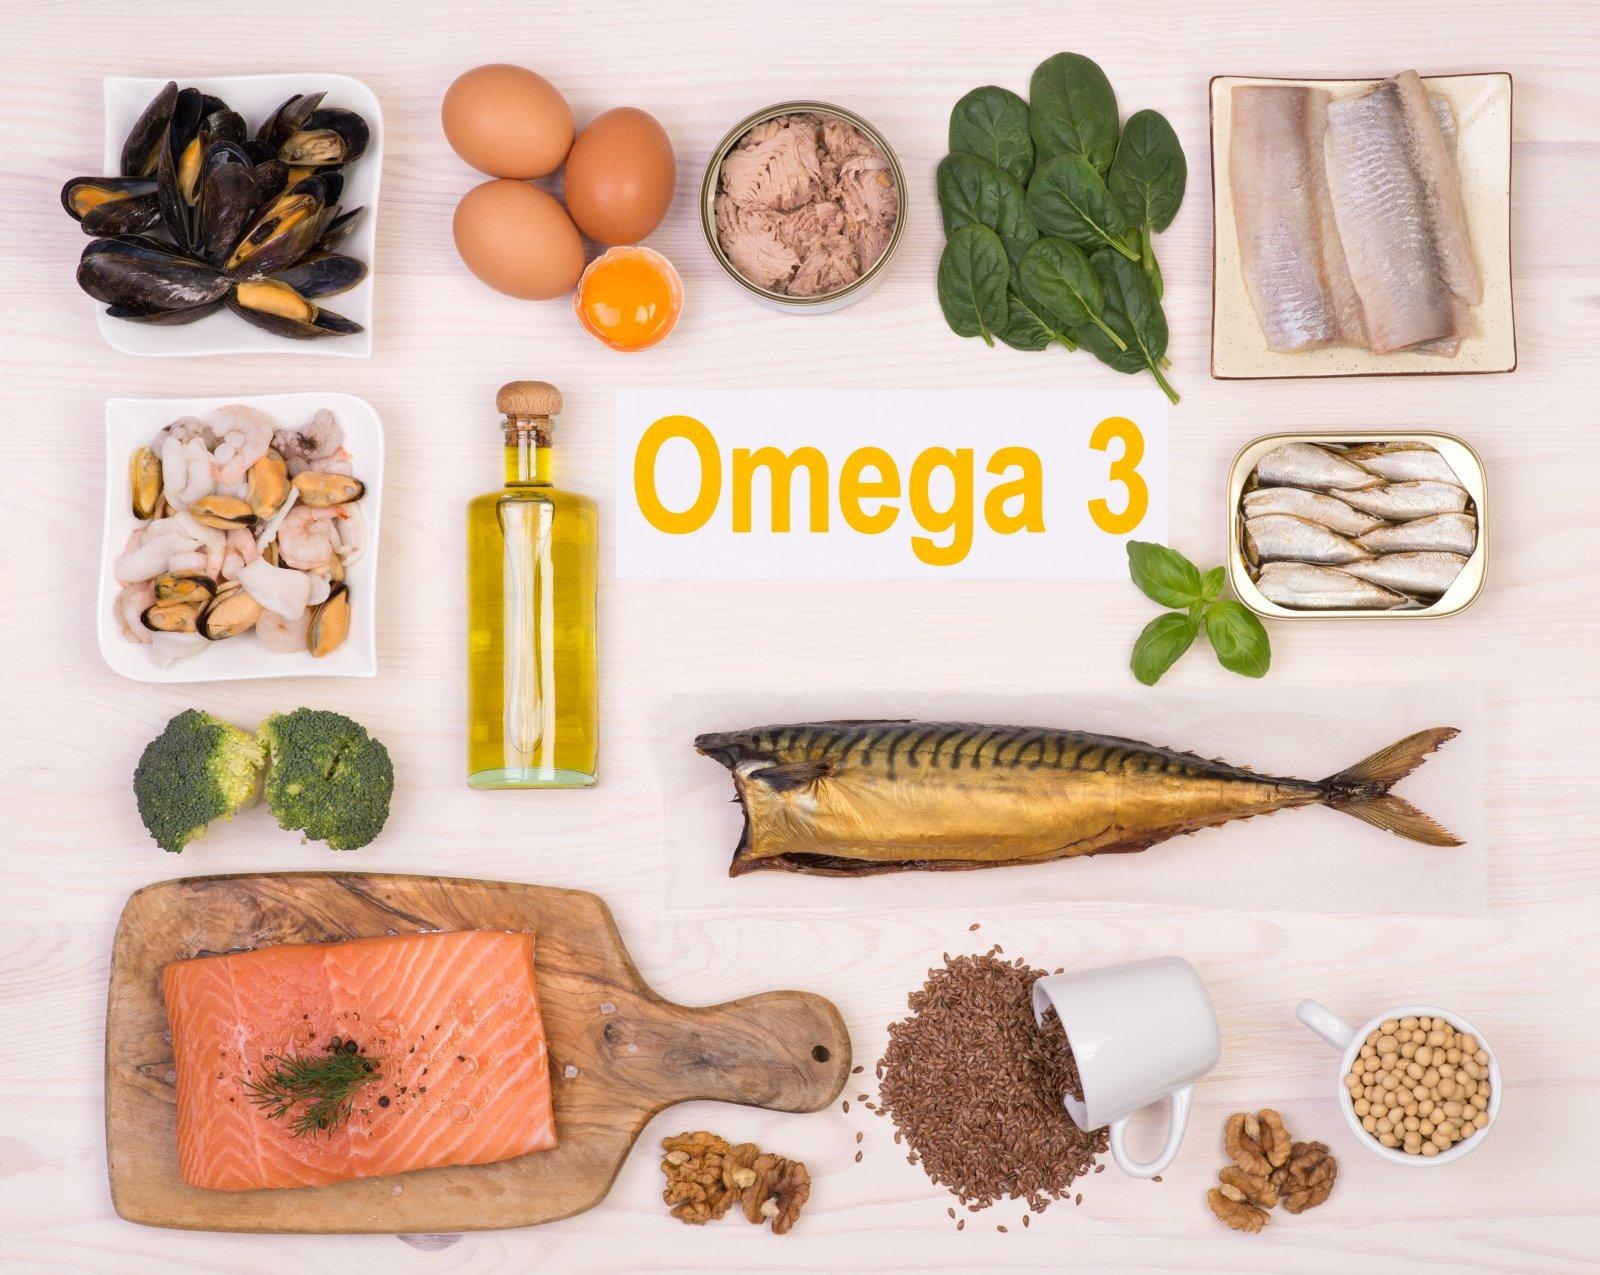 omega 3 triguba jėga širdies ir smegenų sveikatai